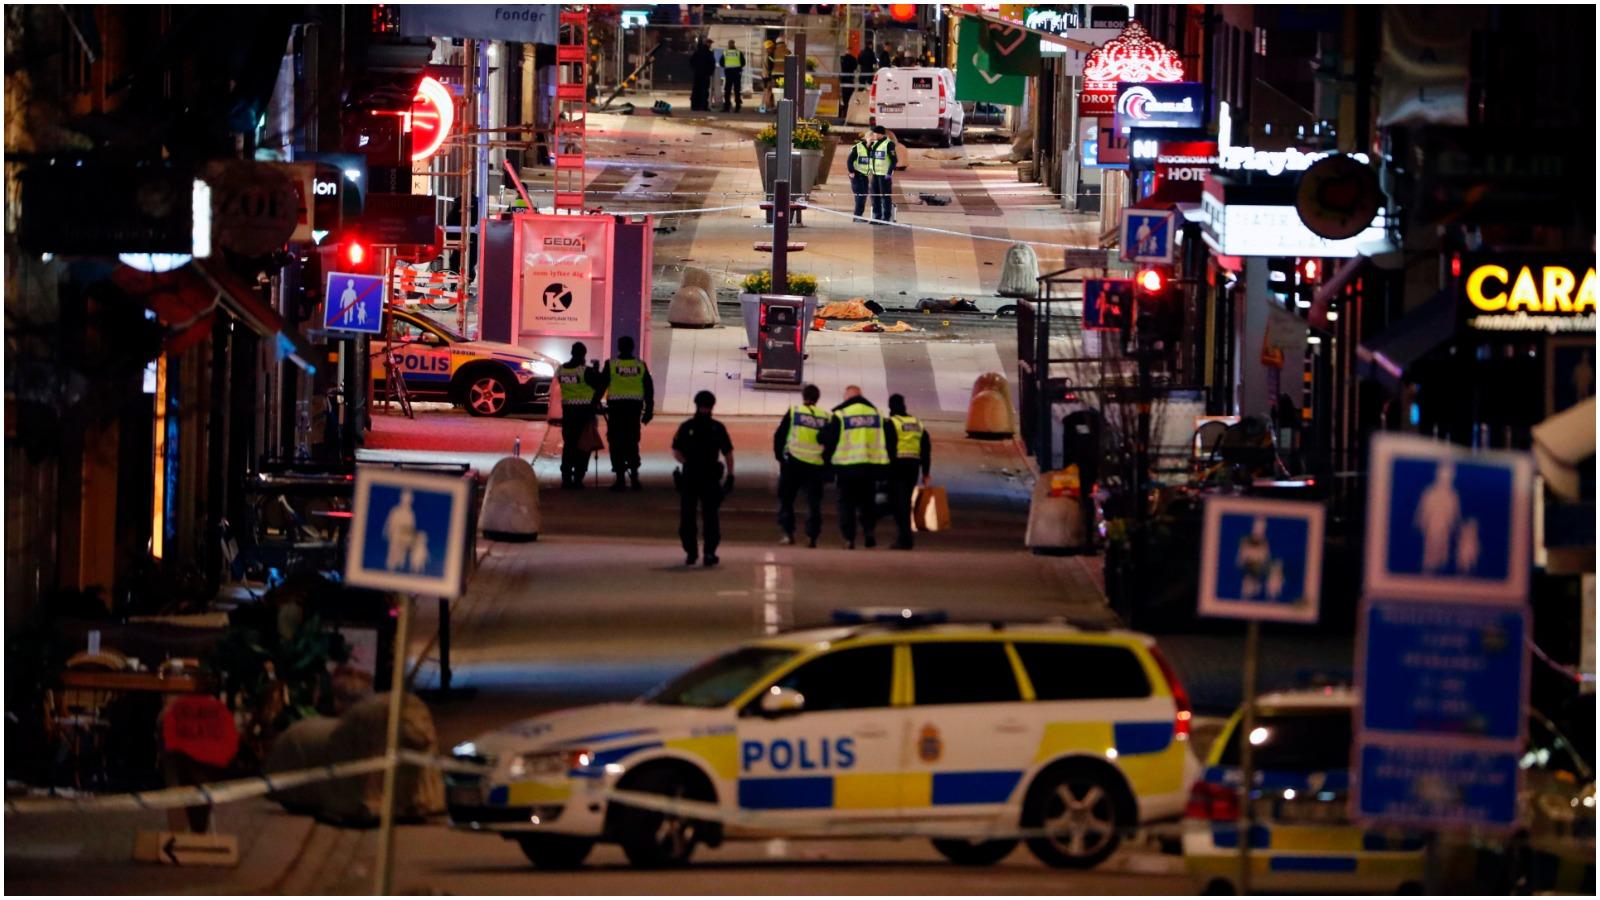 """Terrorforsker Magnus Ranstorp: """"Vi må huske, at lande som Saudi-Arabien bruger enorme summer på at promovere salafisme i hele verden for at få indflydelse. Det er vi som demokratier nødt til at overveje konsekvenserne af – og hvad vi skal gøre ved det"""""""